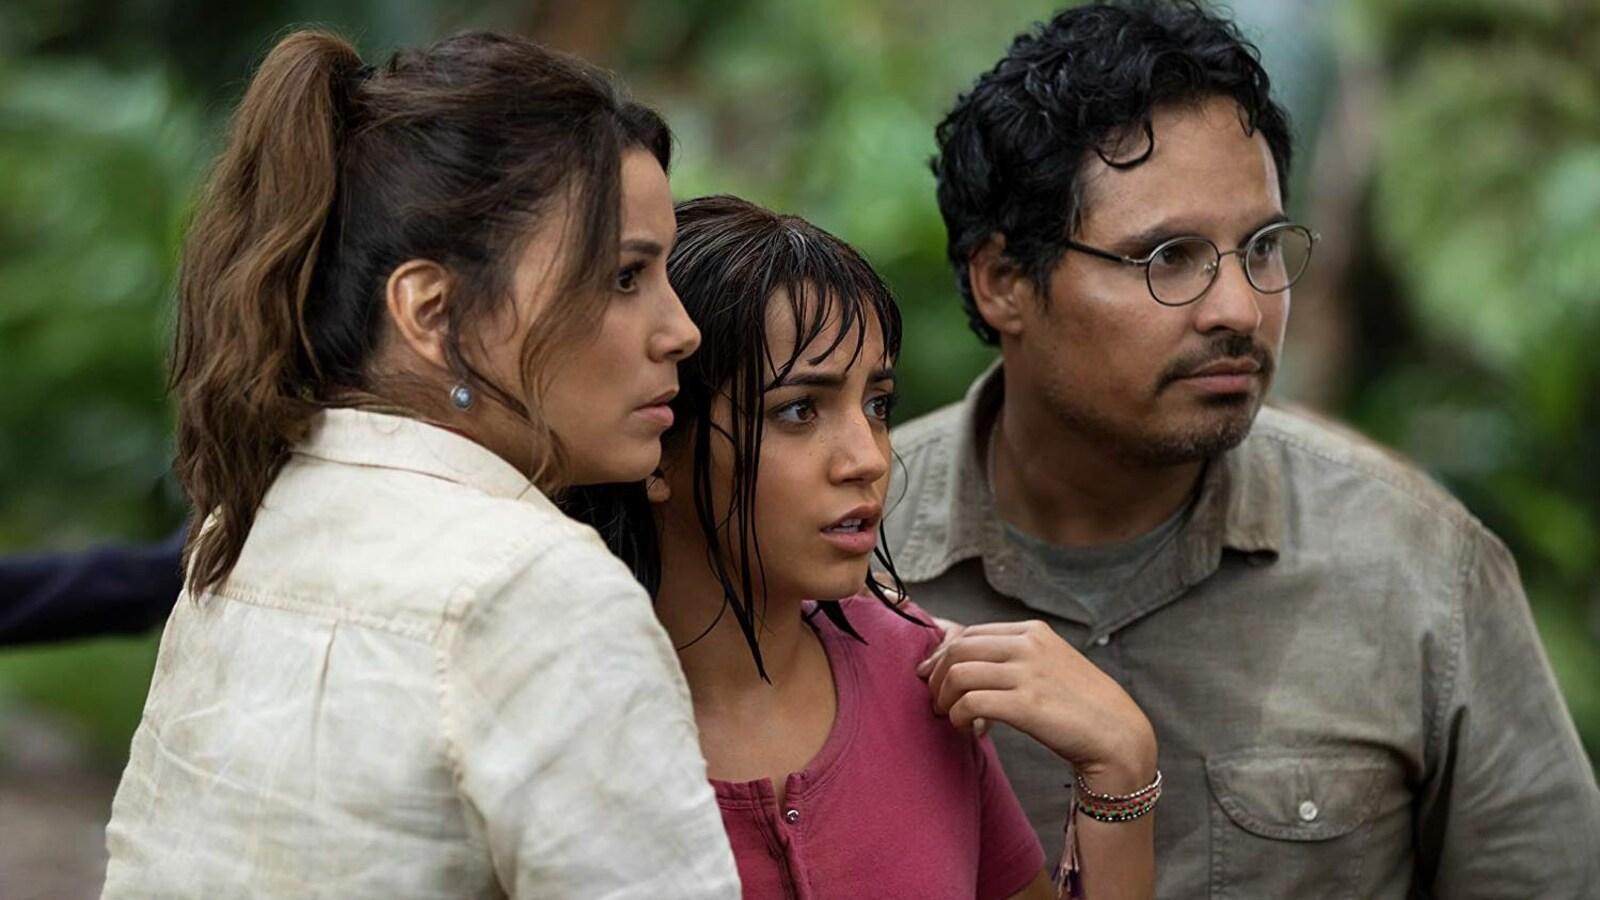 Trois personnes, deux femmes et un homme, sont dans la jungle et regarde quelque chose en hors-champ, avec un regard inquiet.é